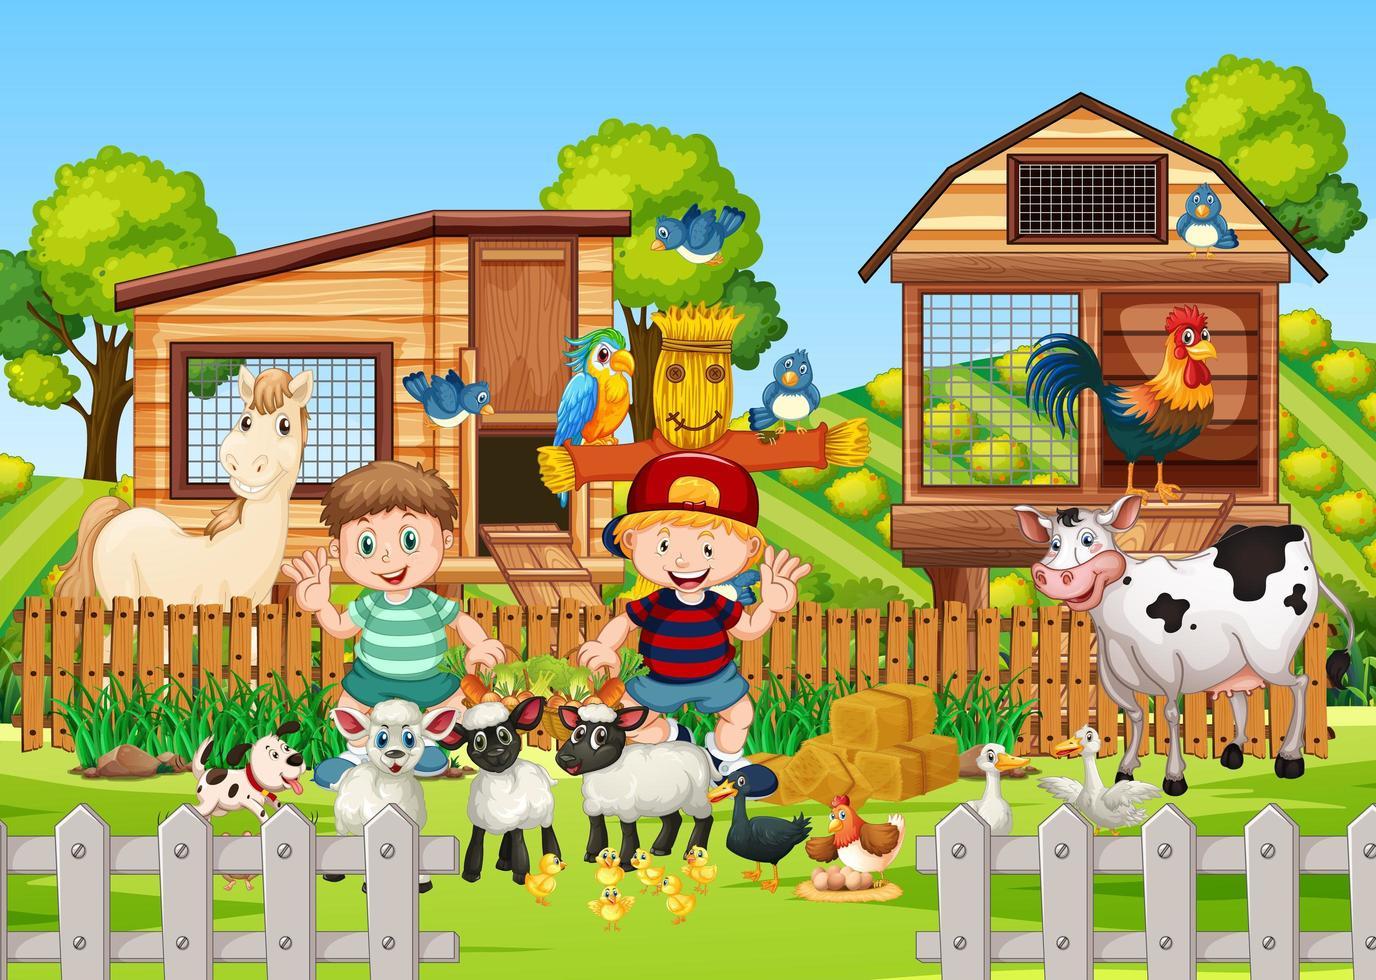 gård i natur scen med djur gård vektor